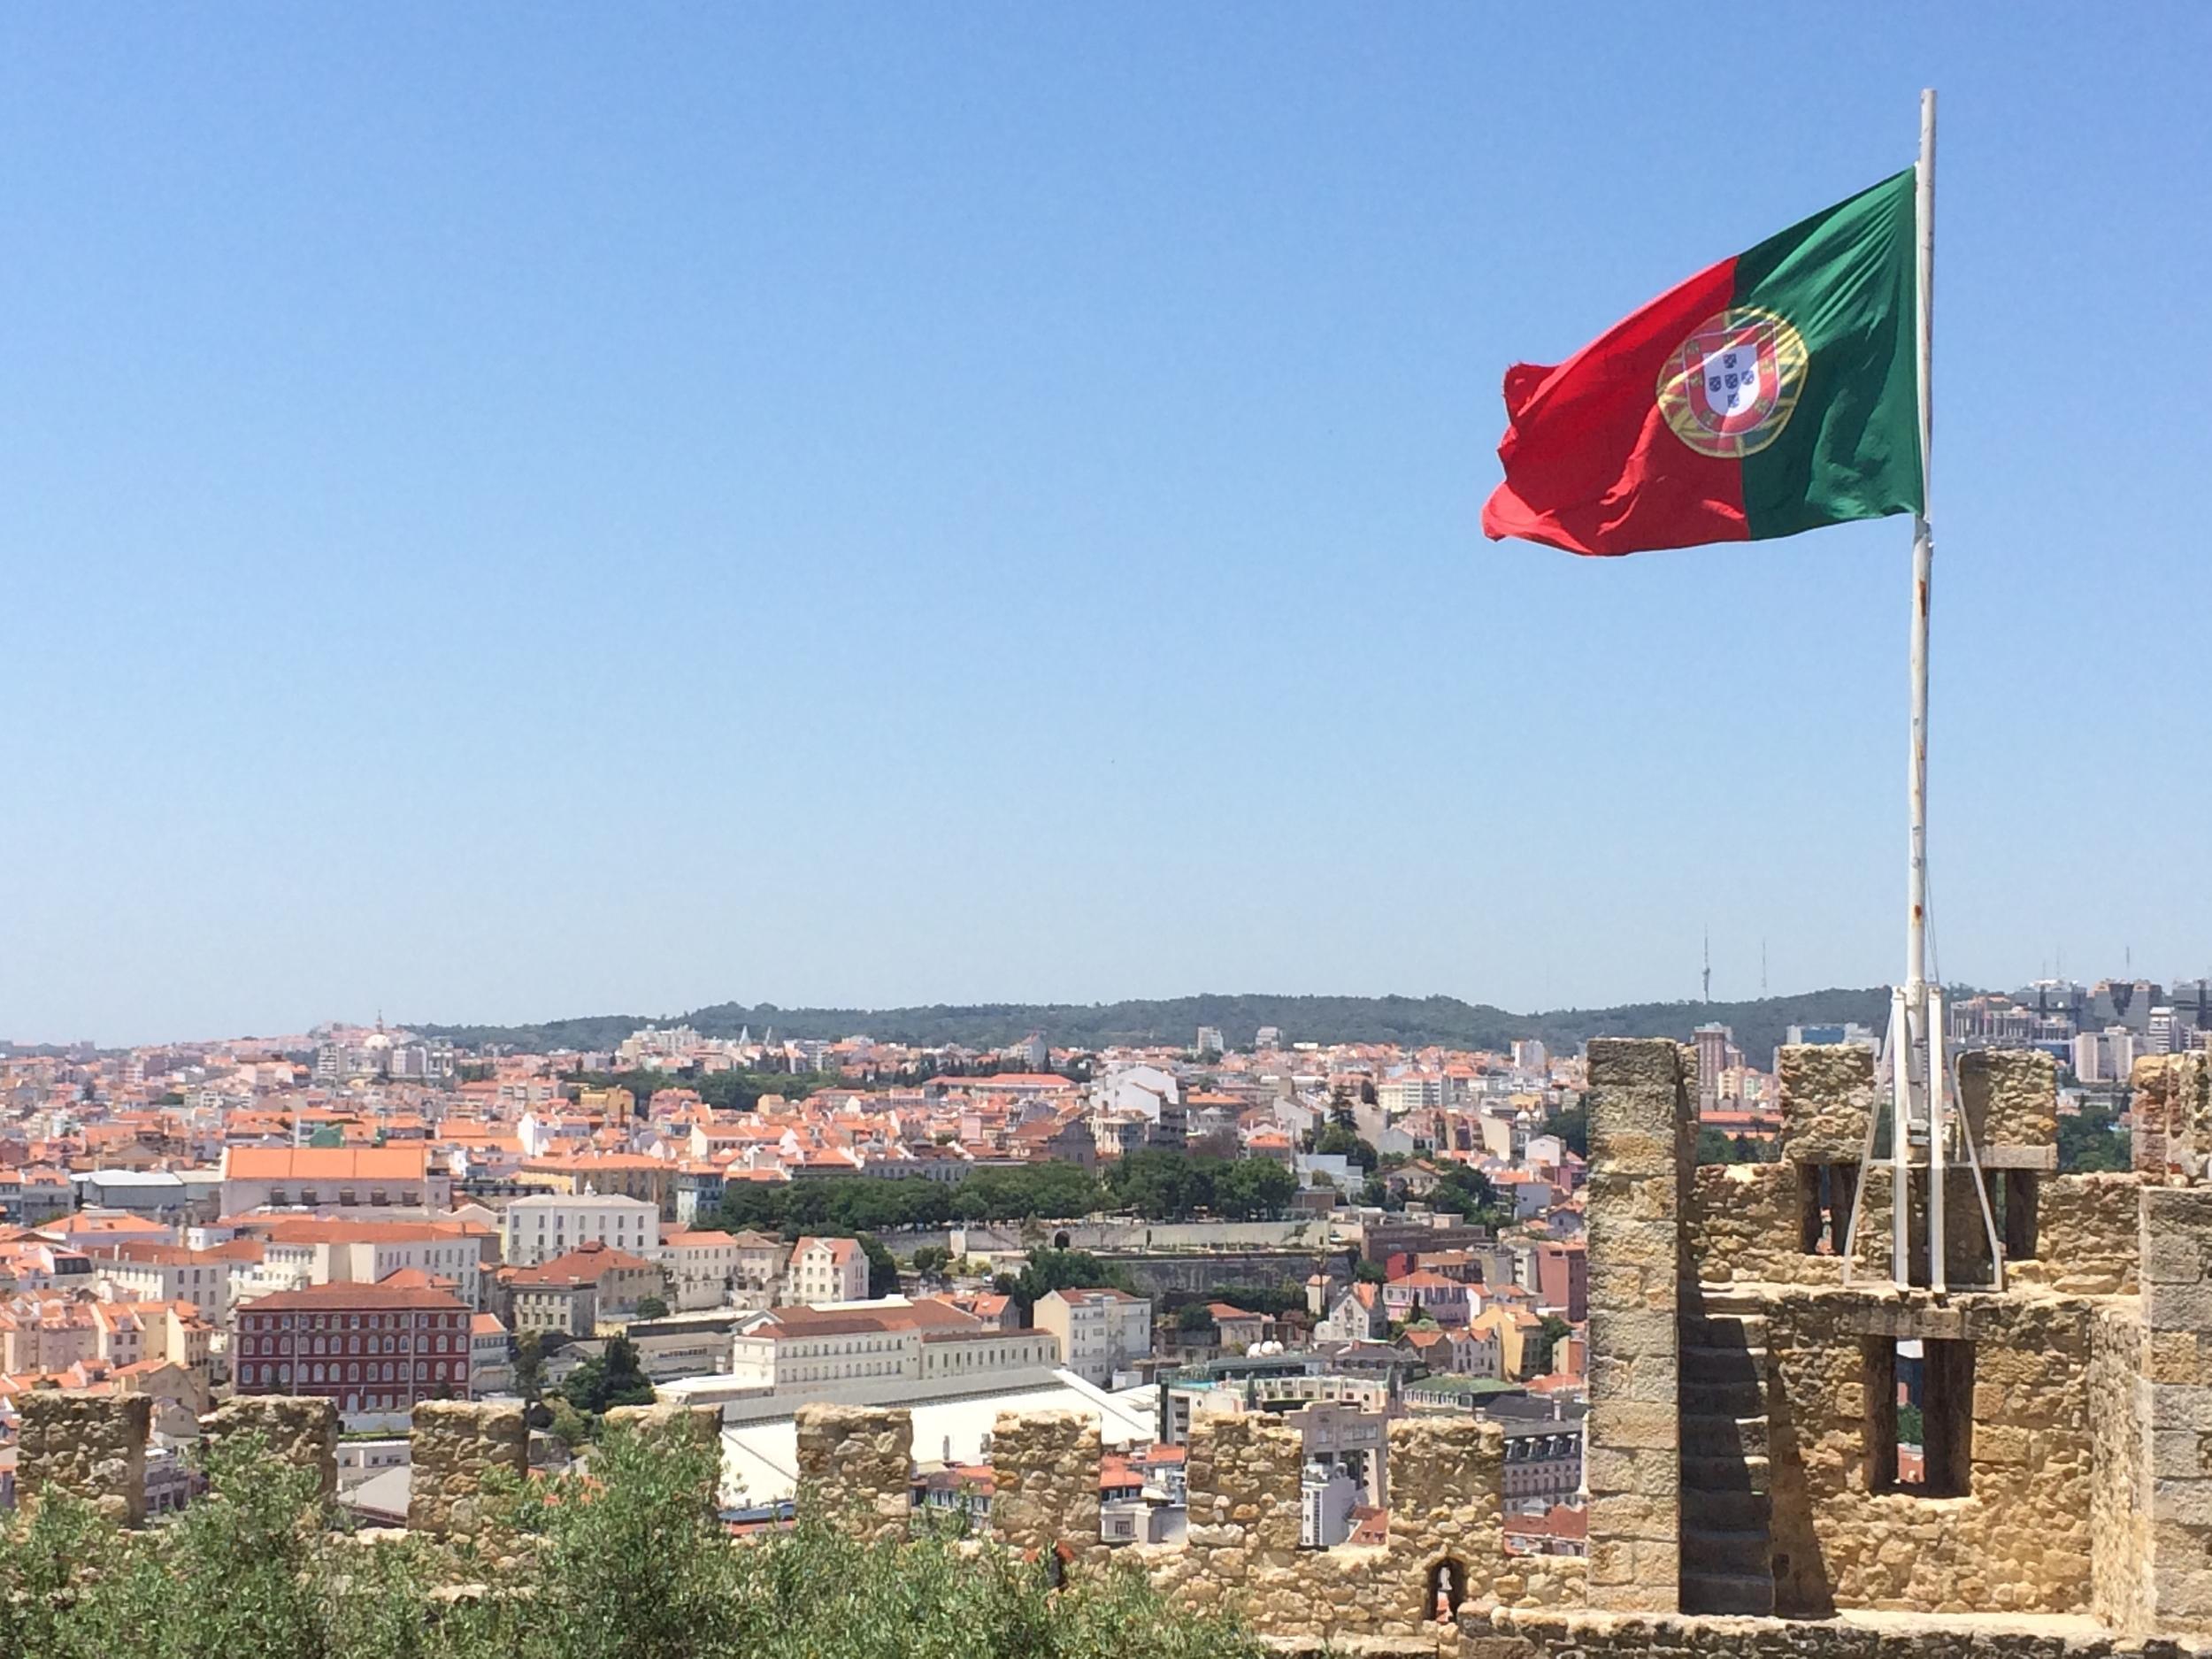 View from the top of the Castelo de São Jorge.